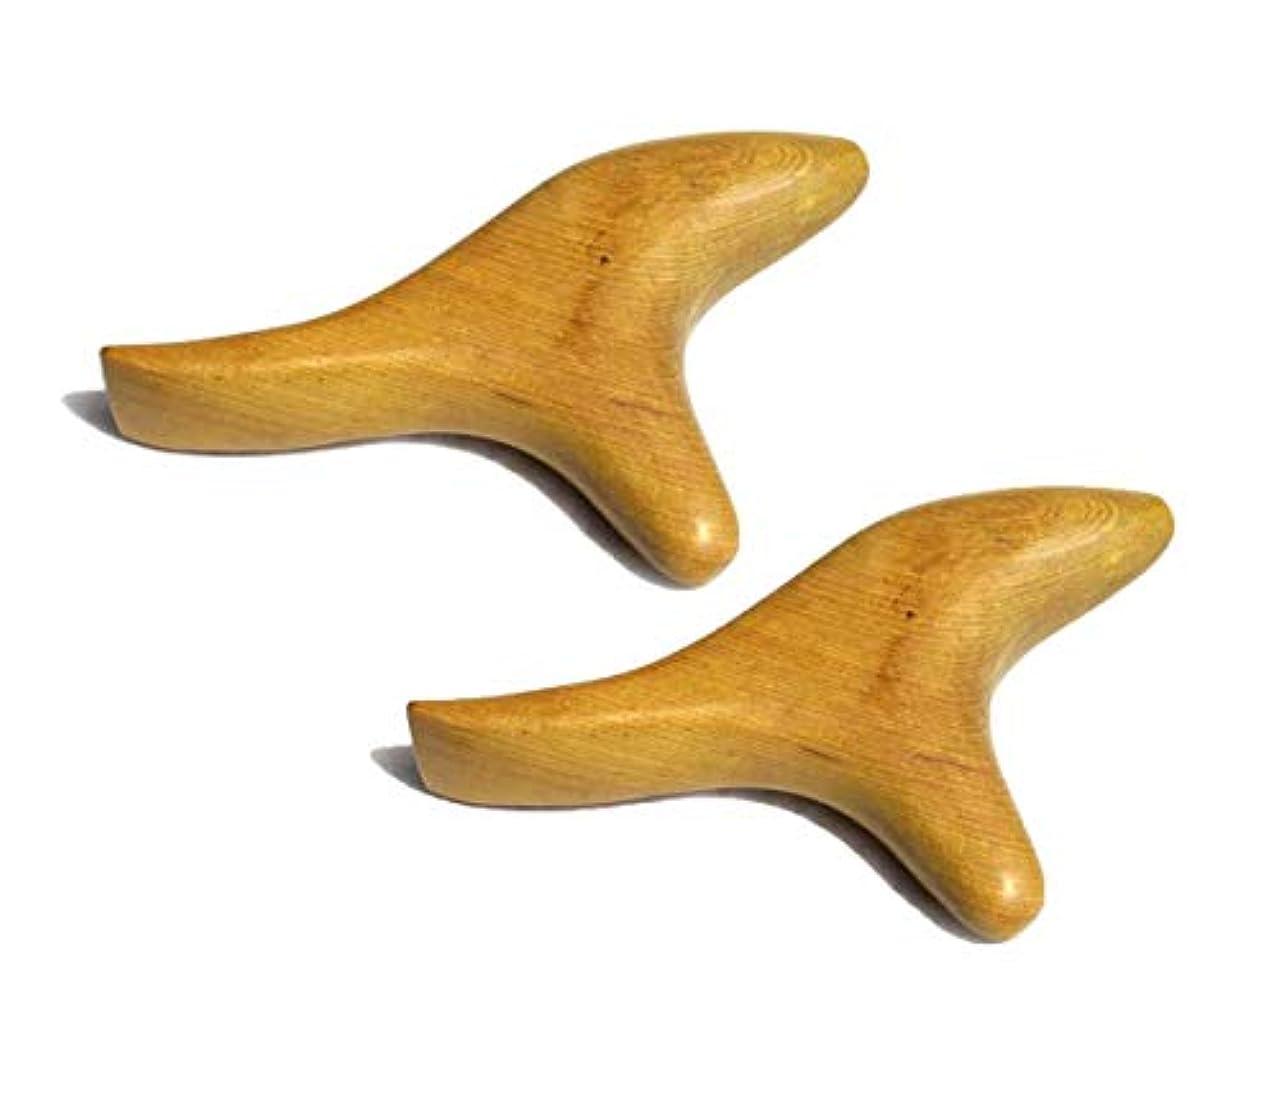 つま先ホールド学校教育Viffly ウッドマッサージ棒 握りタイプ 天然木 オカリナ型(ウッドマッサージ棒2個)